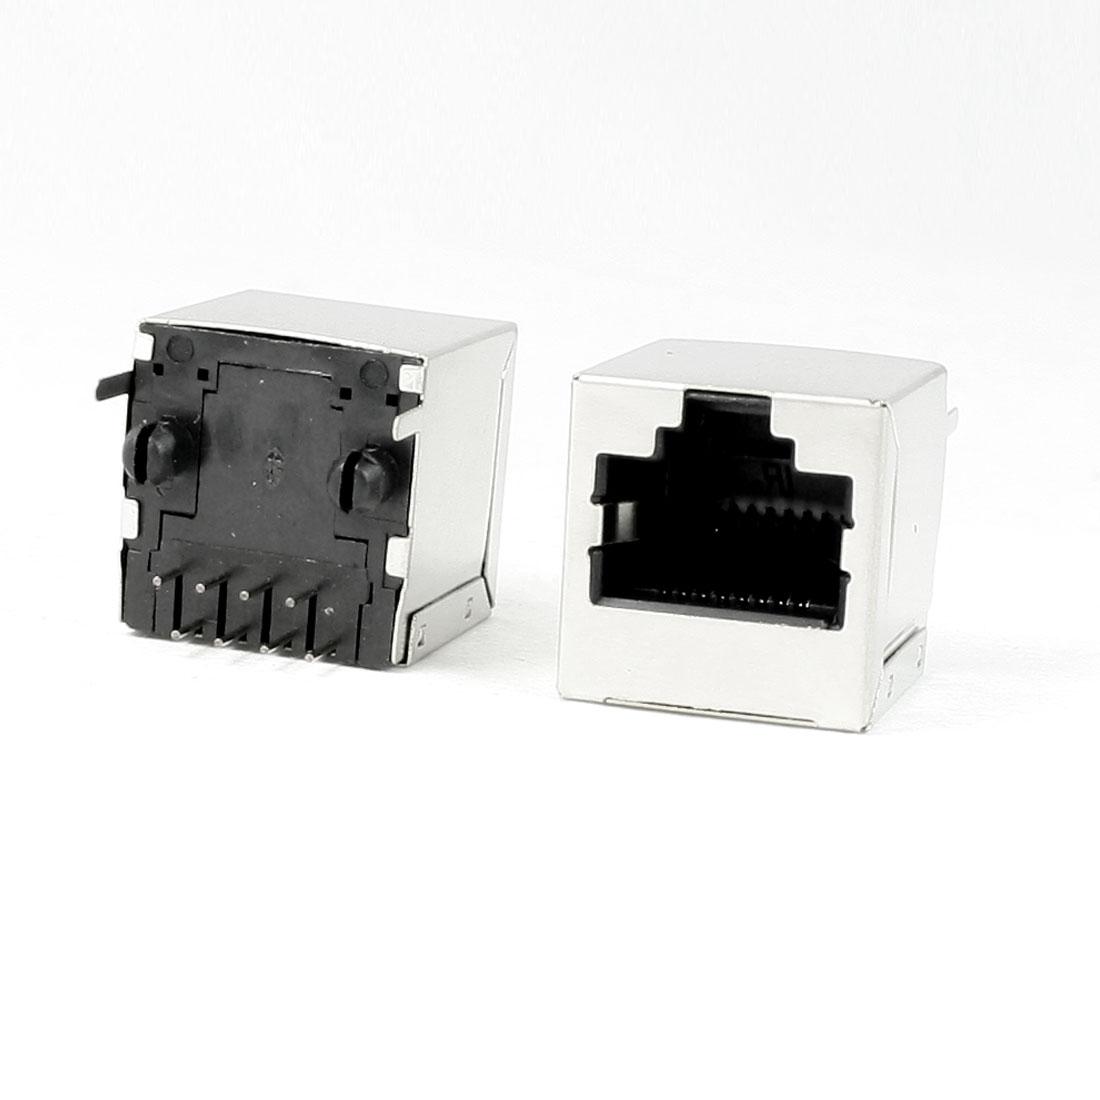 10Pcs RJ45 8P8C PCB Jack Shielded Vertical Connector 16 x 15.5 x 16mm